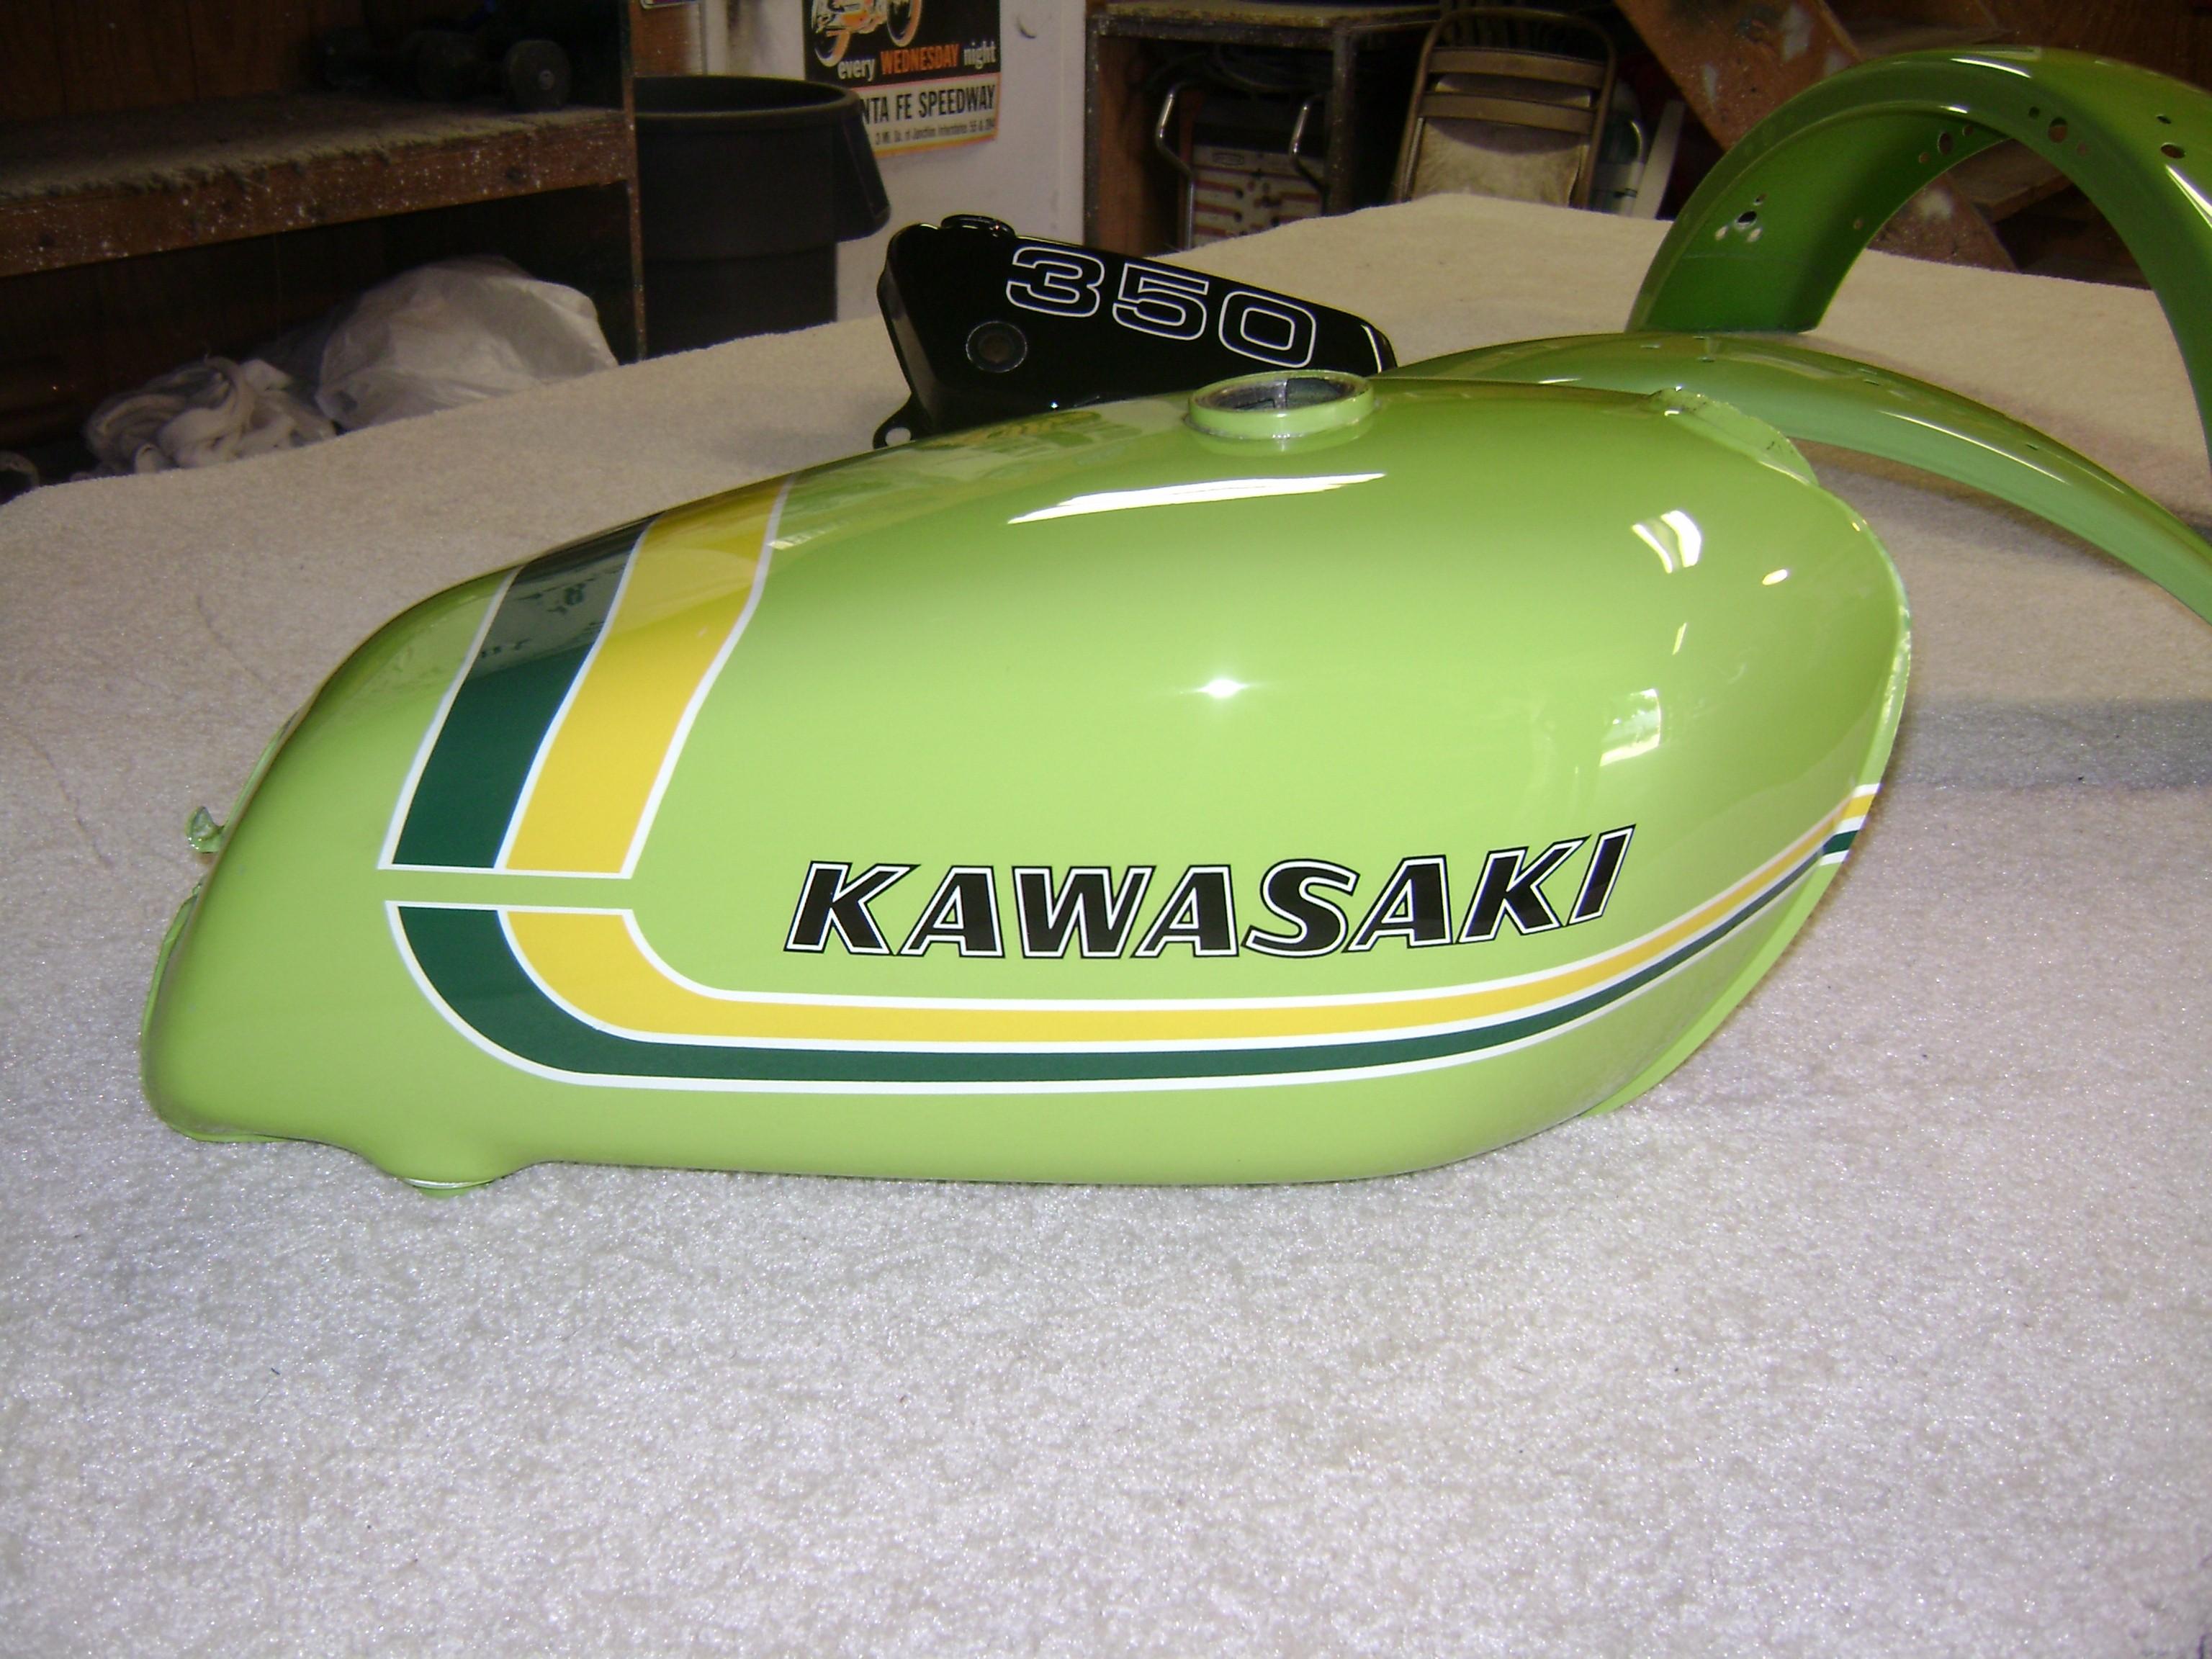 Kawasaki-004